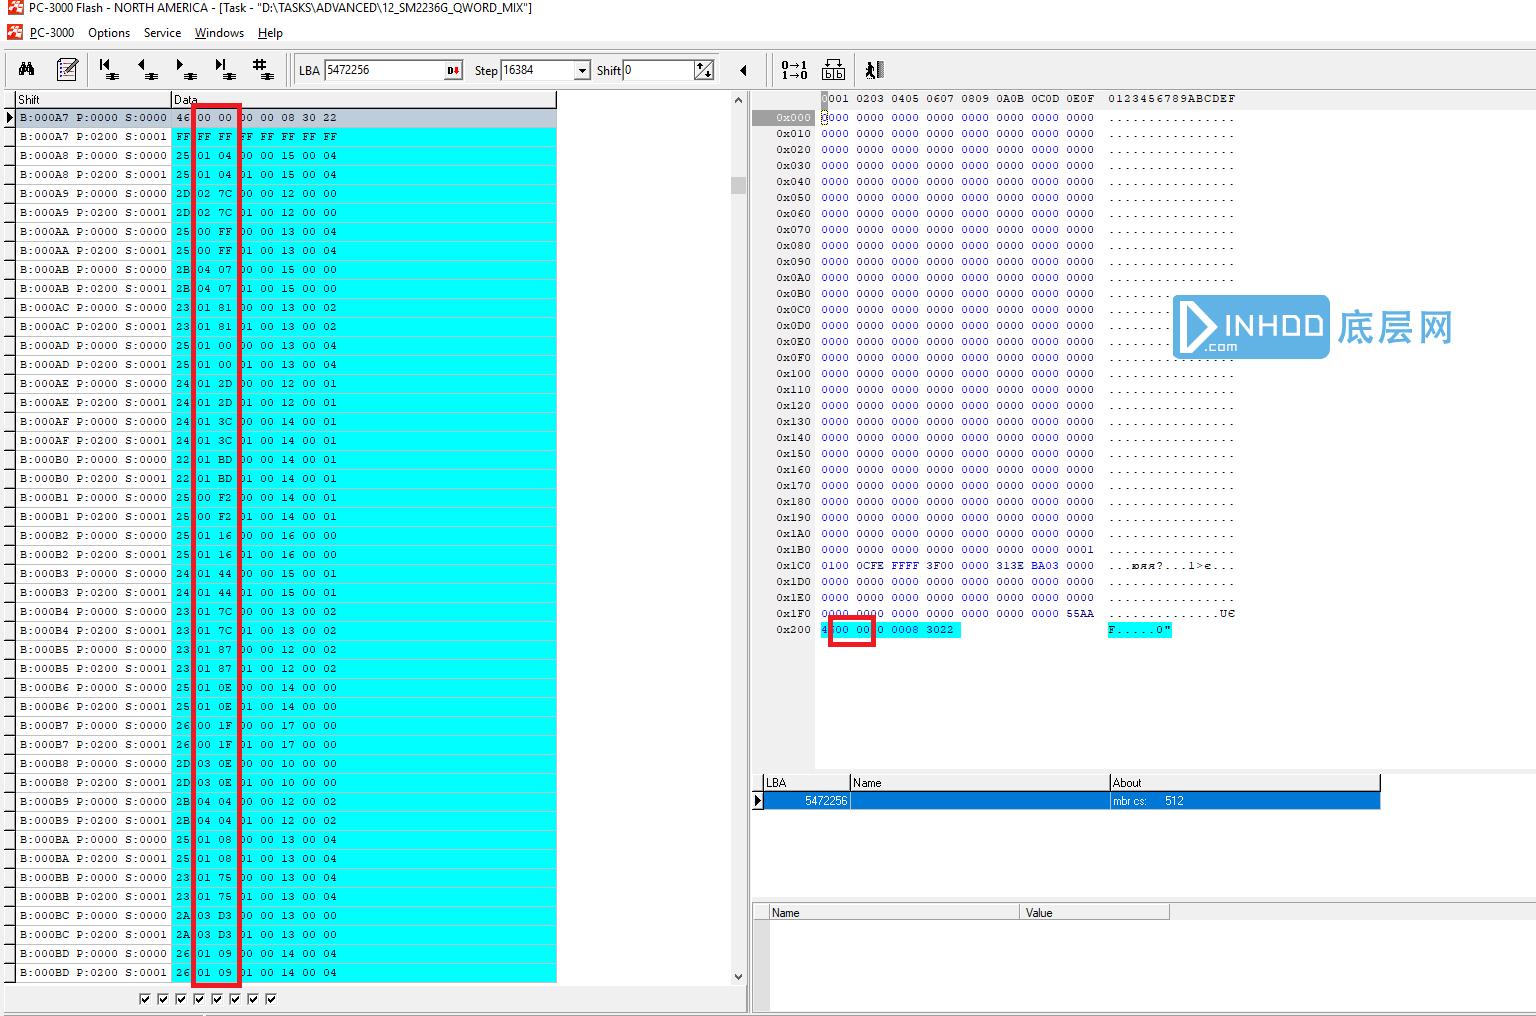 PC3000 Flash慧荣SM2236G主控CF卡电脑不认的数据恢复